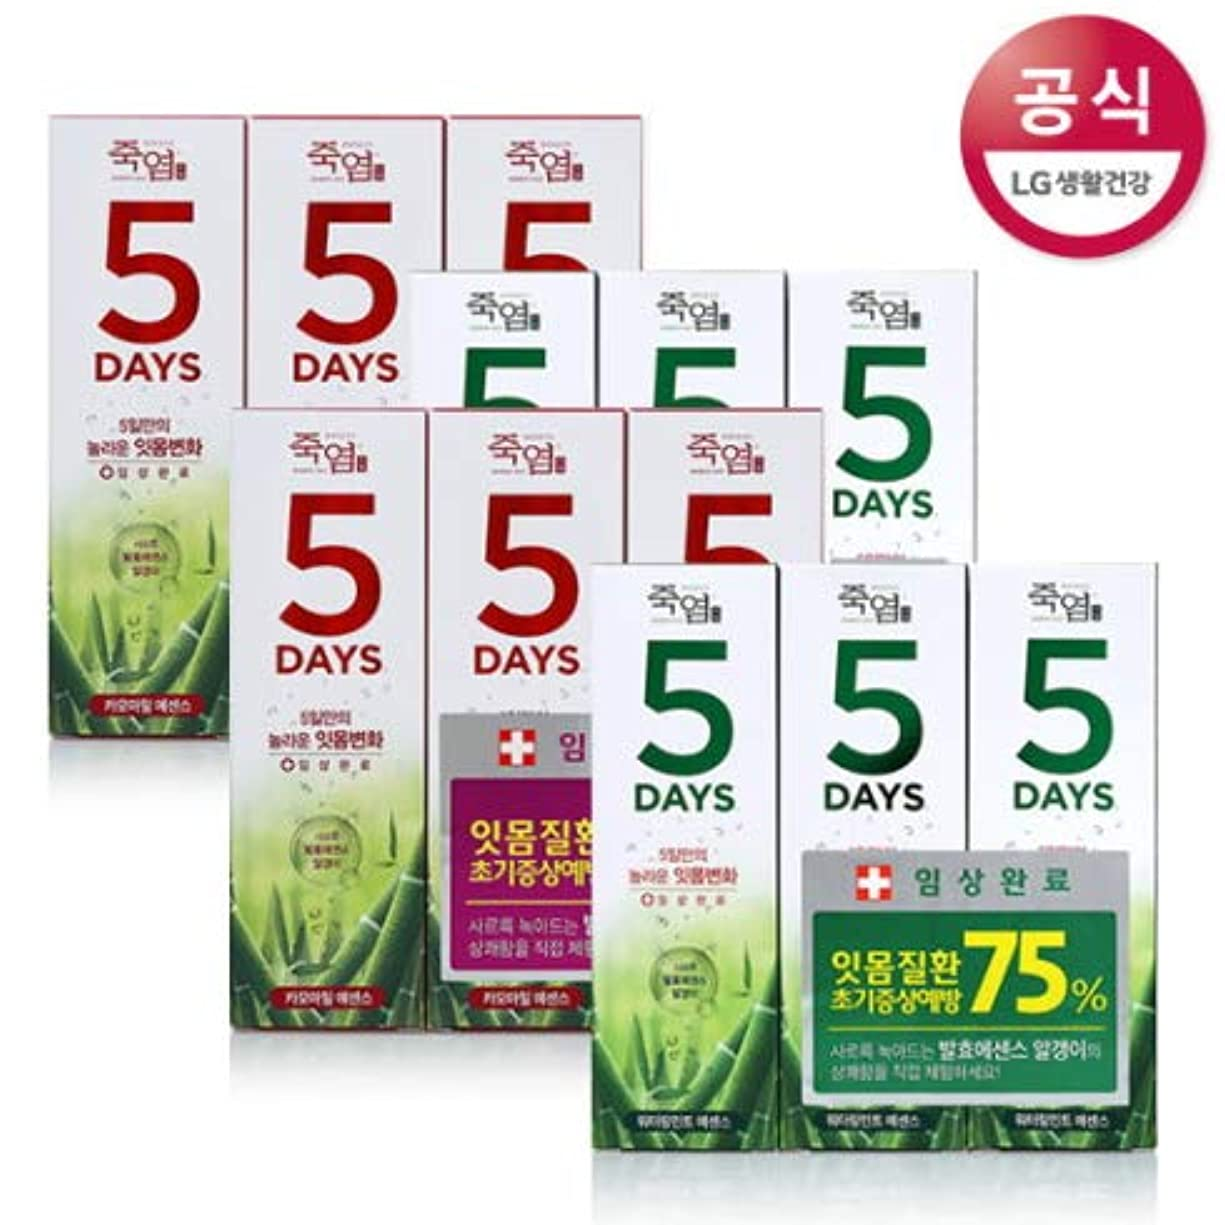 主張する肉屋角度[LG HnB] Bamboo Salt 5days Toothpaste /竹塩5days歯磨き粉 100gx12個(海外直送品)